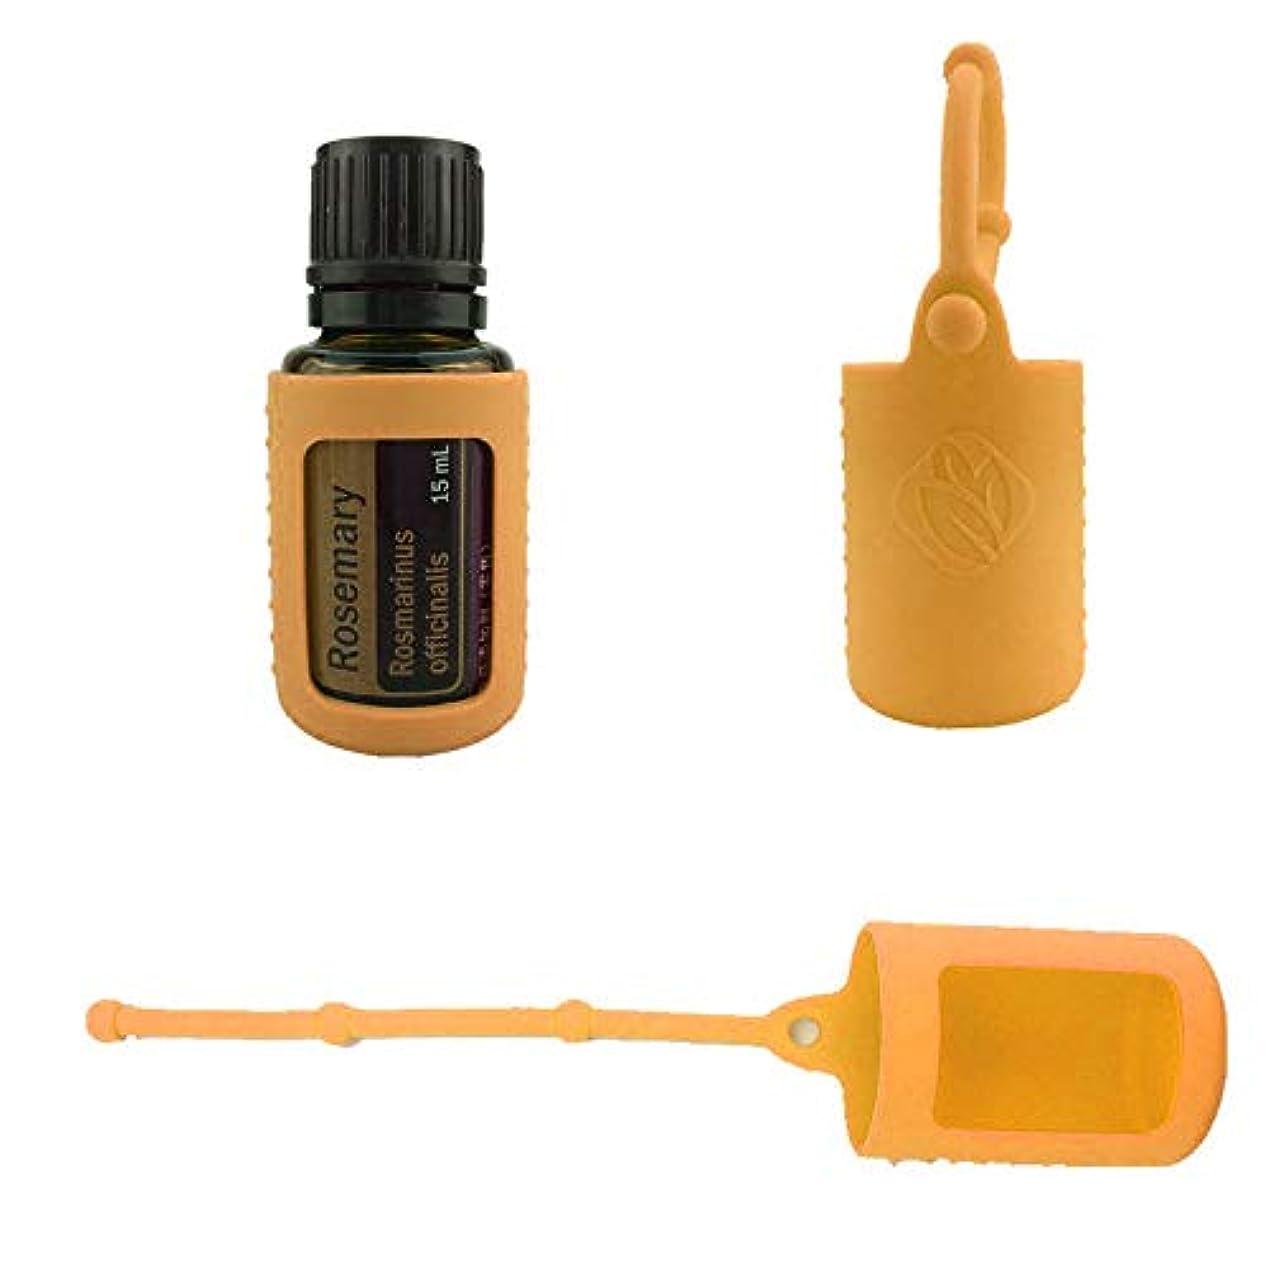 拷問依存洗う6パック熱望オイルボトルシリコンローラーボトルホルダースリーブエッセンシャルオイルボトル保護カバーケースハングロープ - オレンジ - 6-pcs 10ml